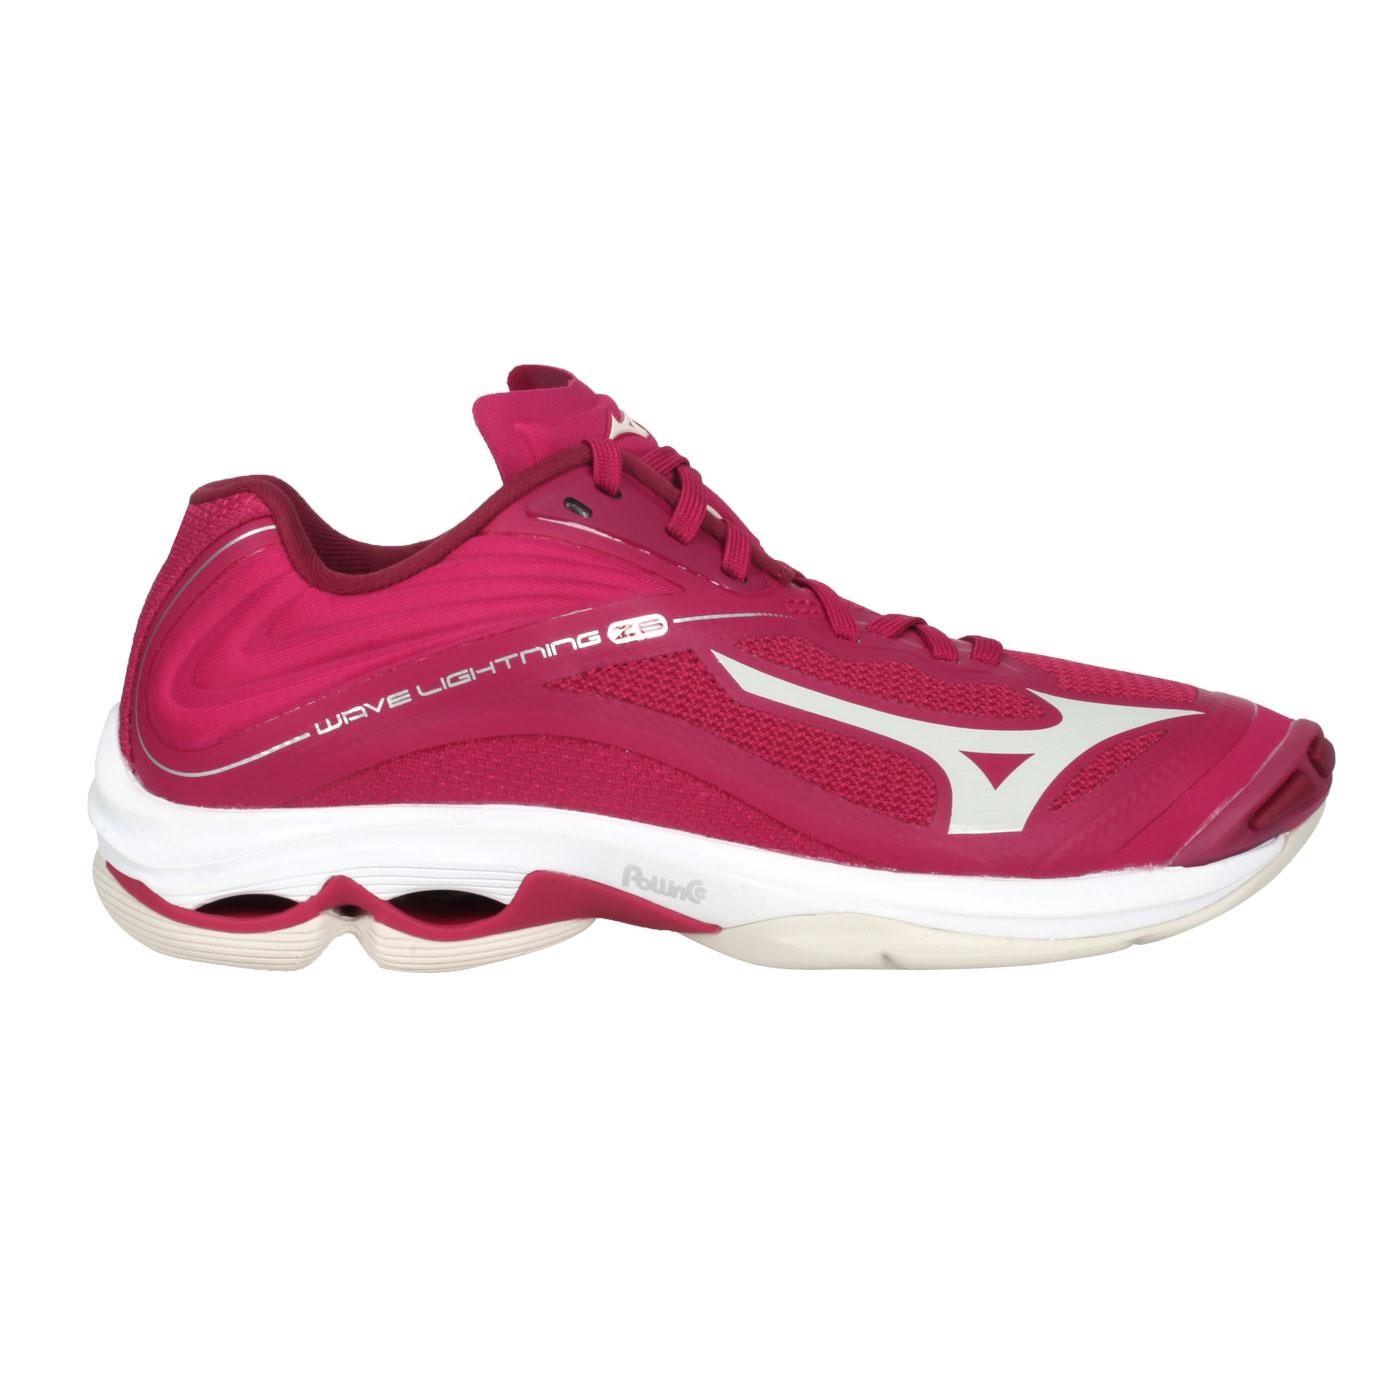 MIZUNO 女款排球鞋  @WAVE LIGHTNING Z6@V1GC200064